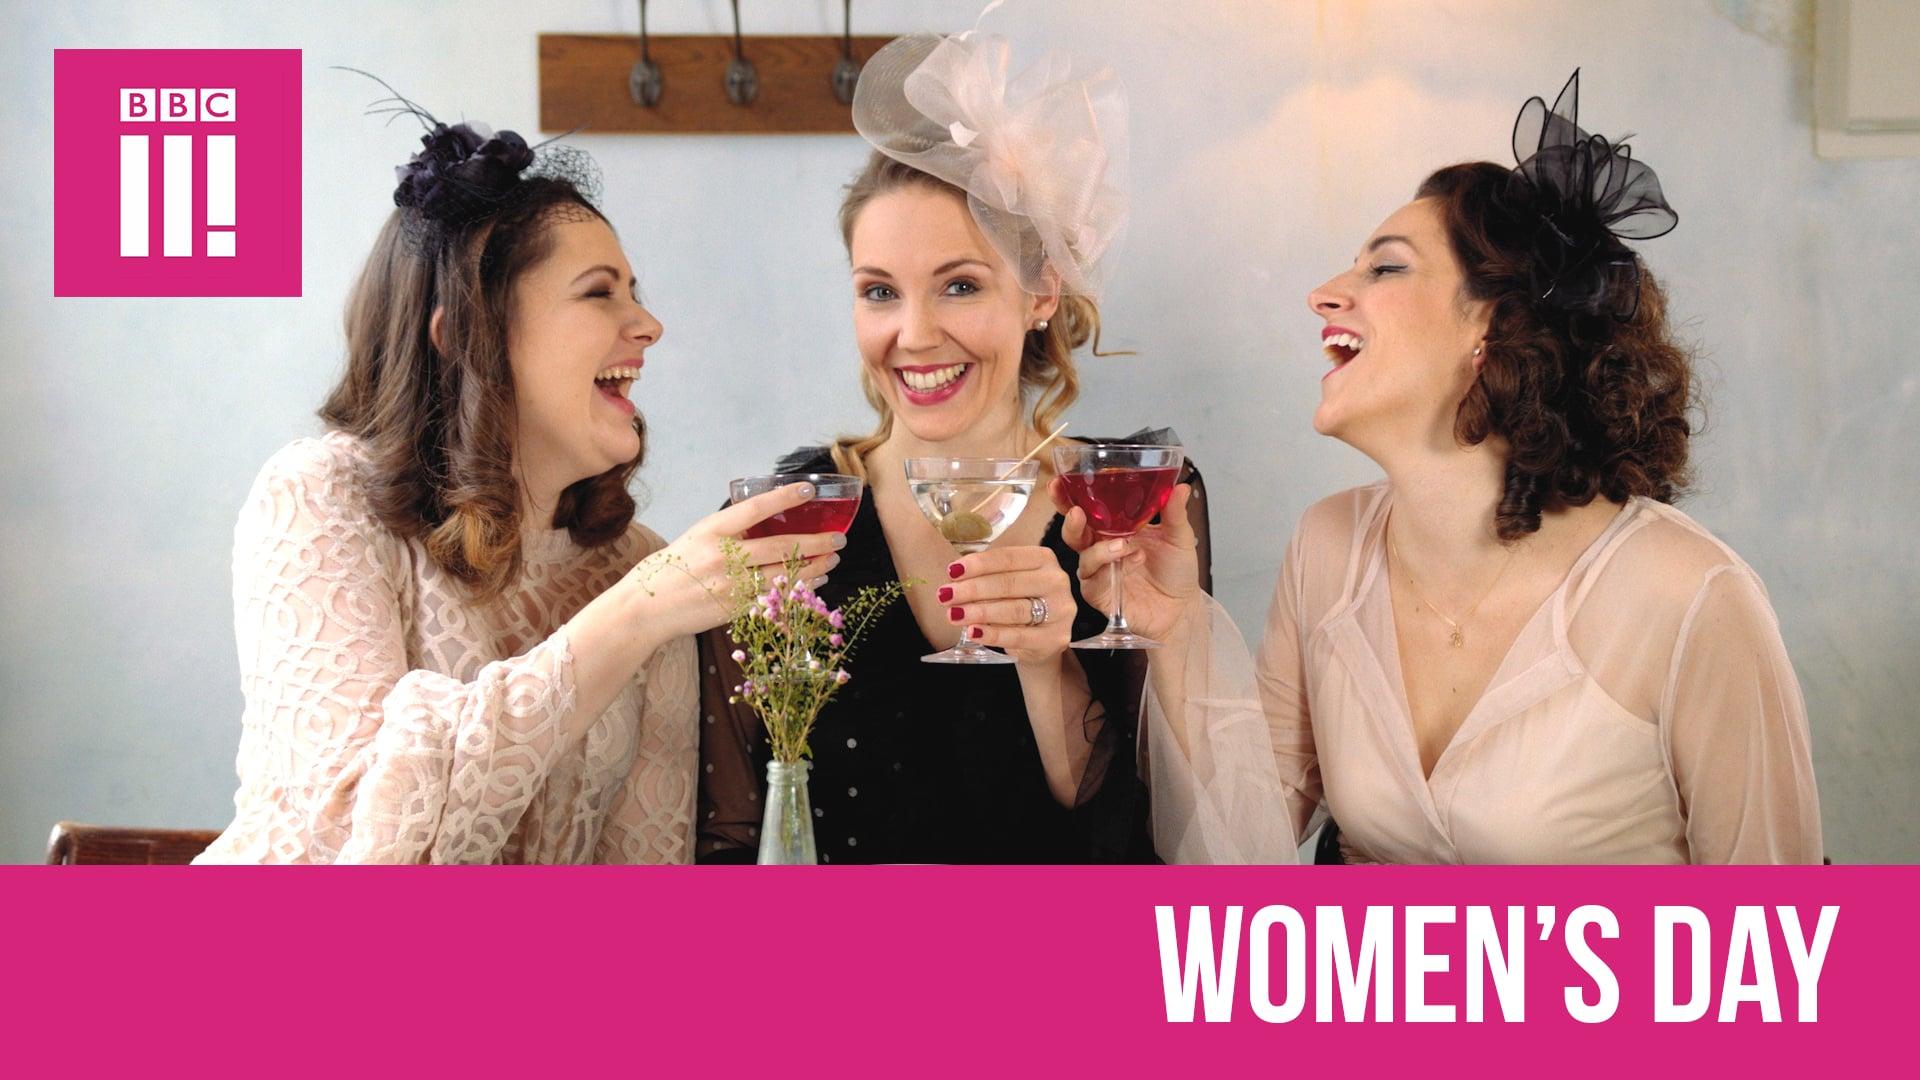 Women's Day - BBC Three